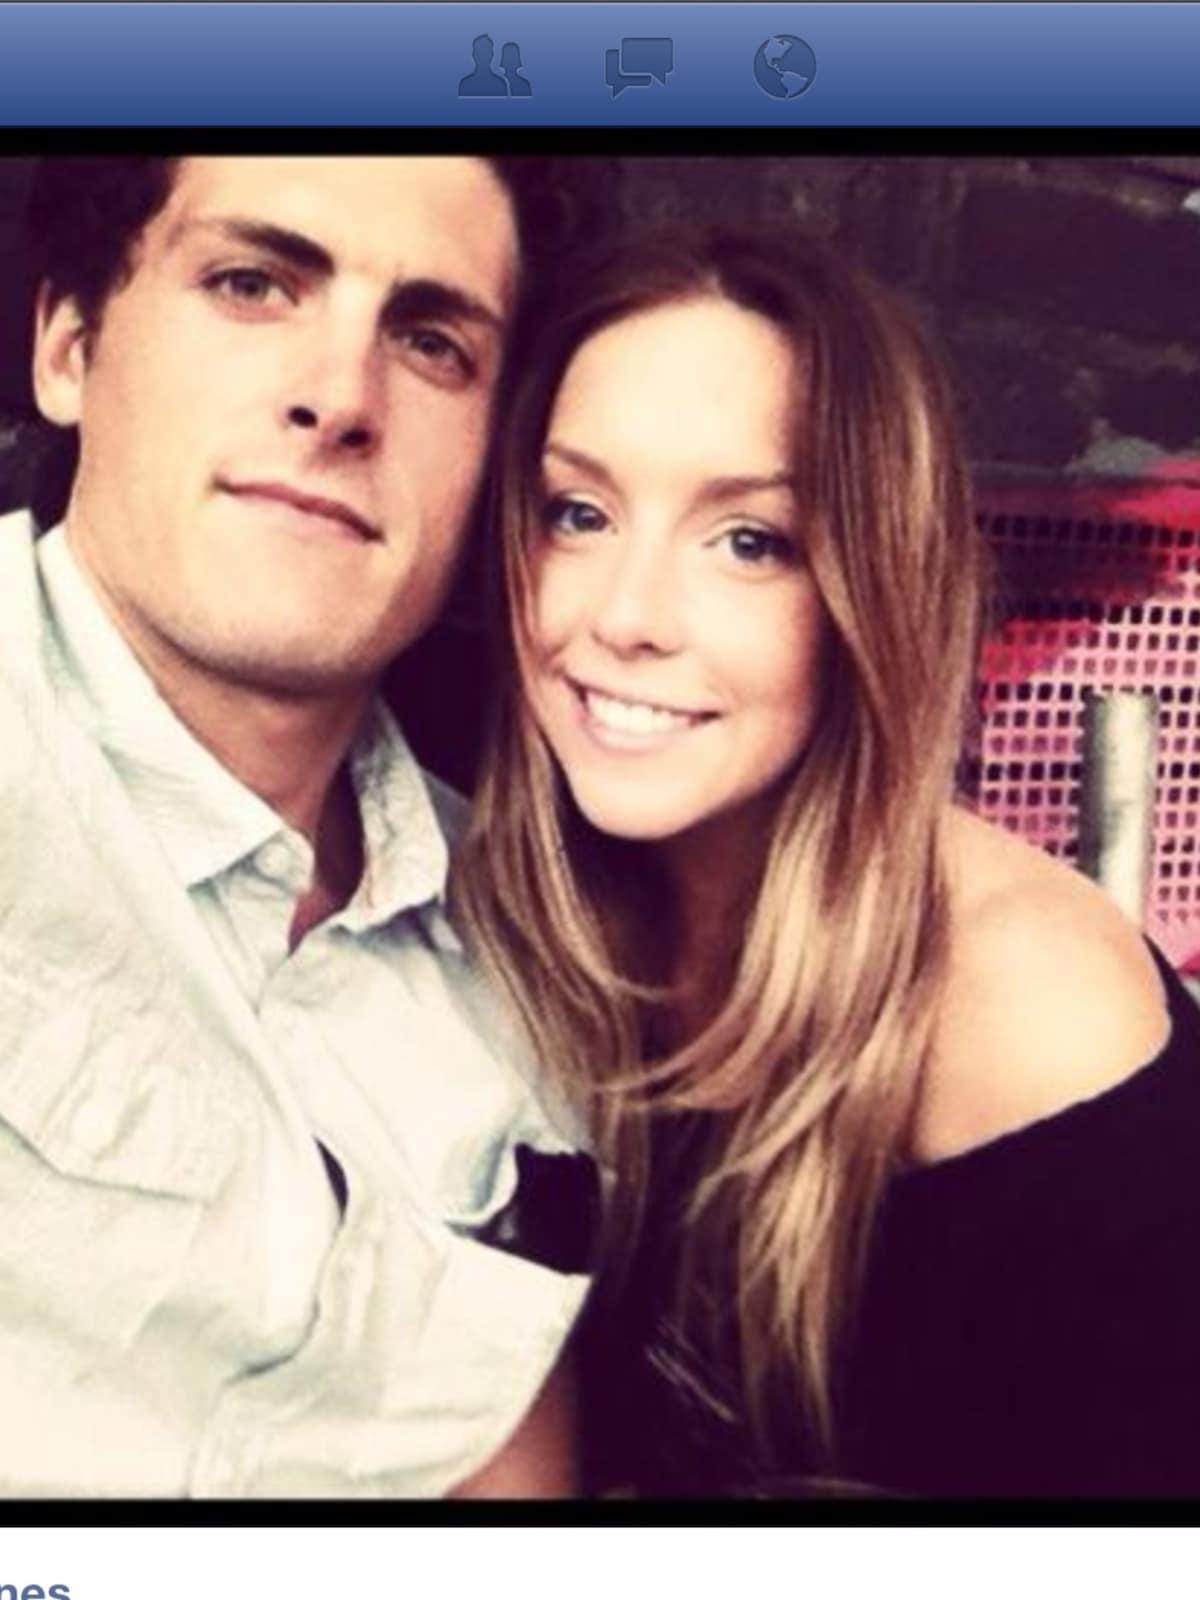 Tom & Sarah